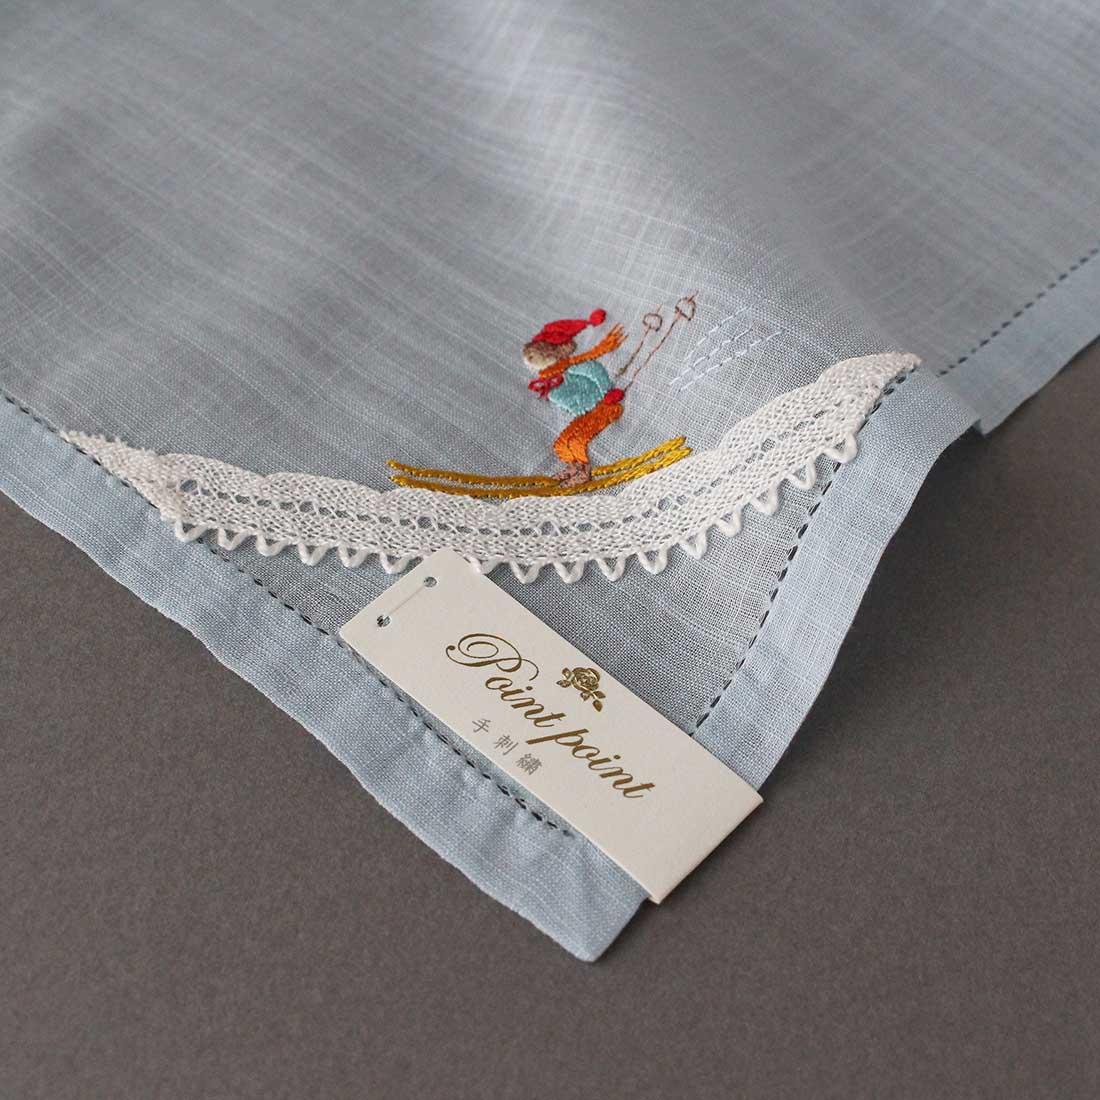 ポワンポワン ベトナム手刺繍 ハンカチ  クリスマス スキー 8701  ブルー